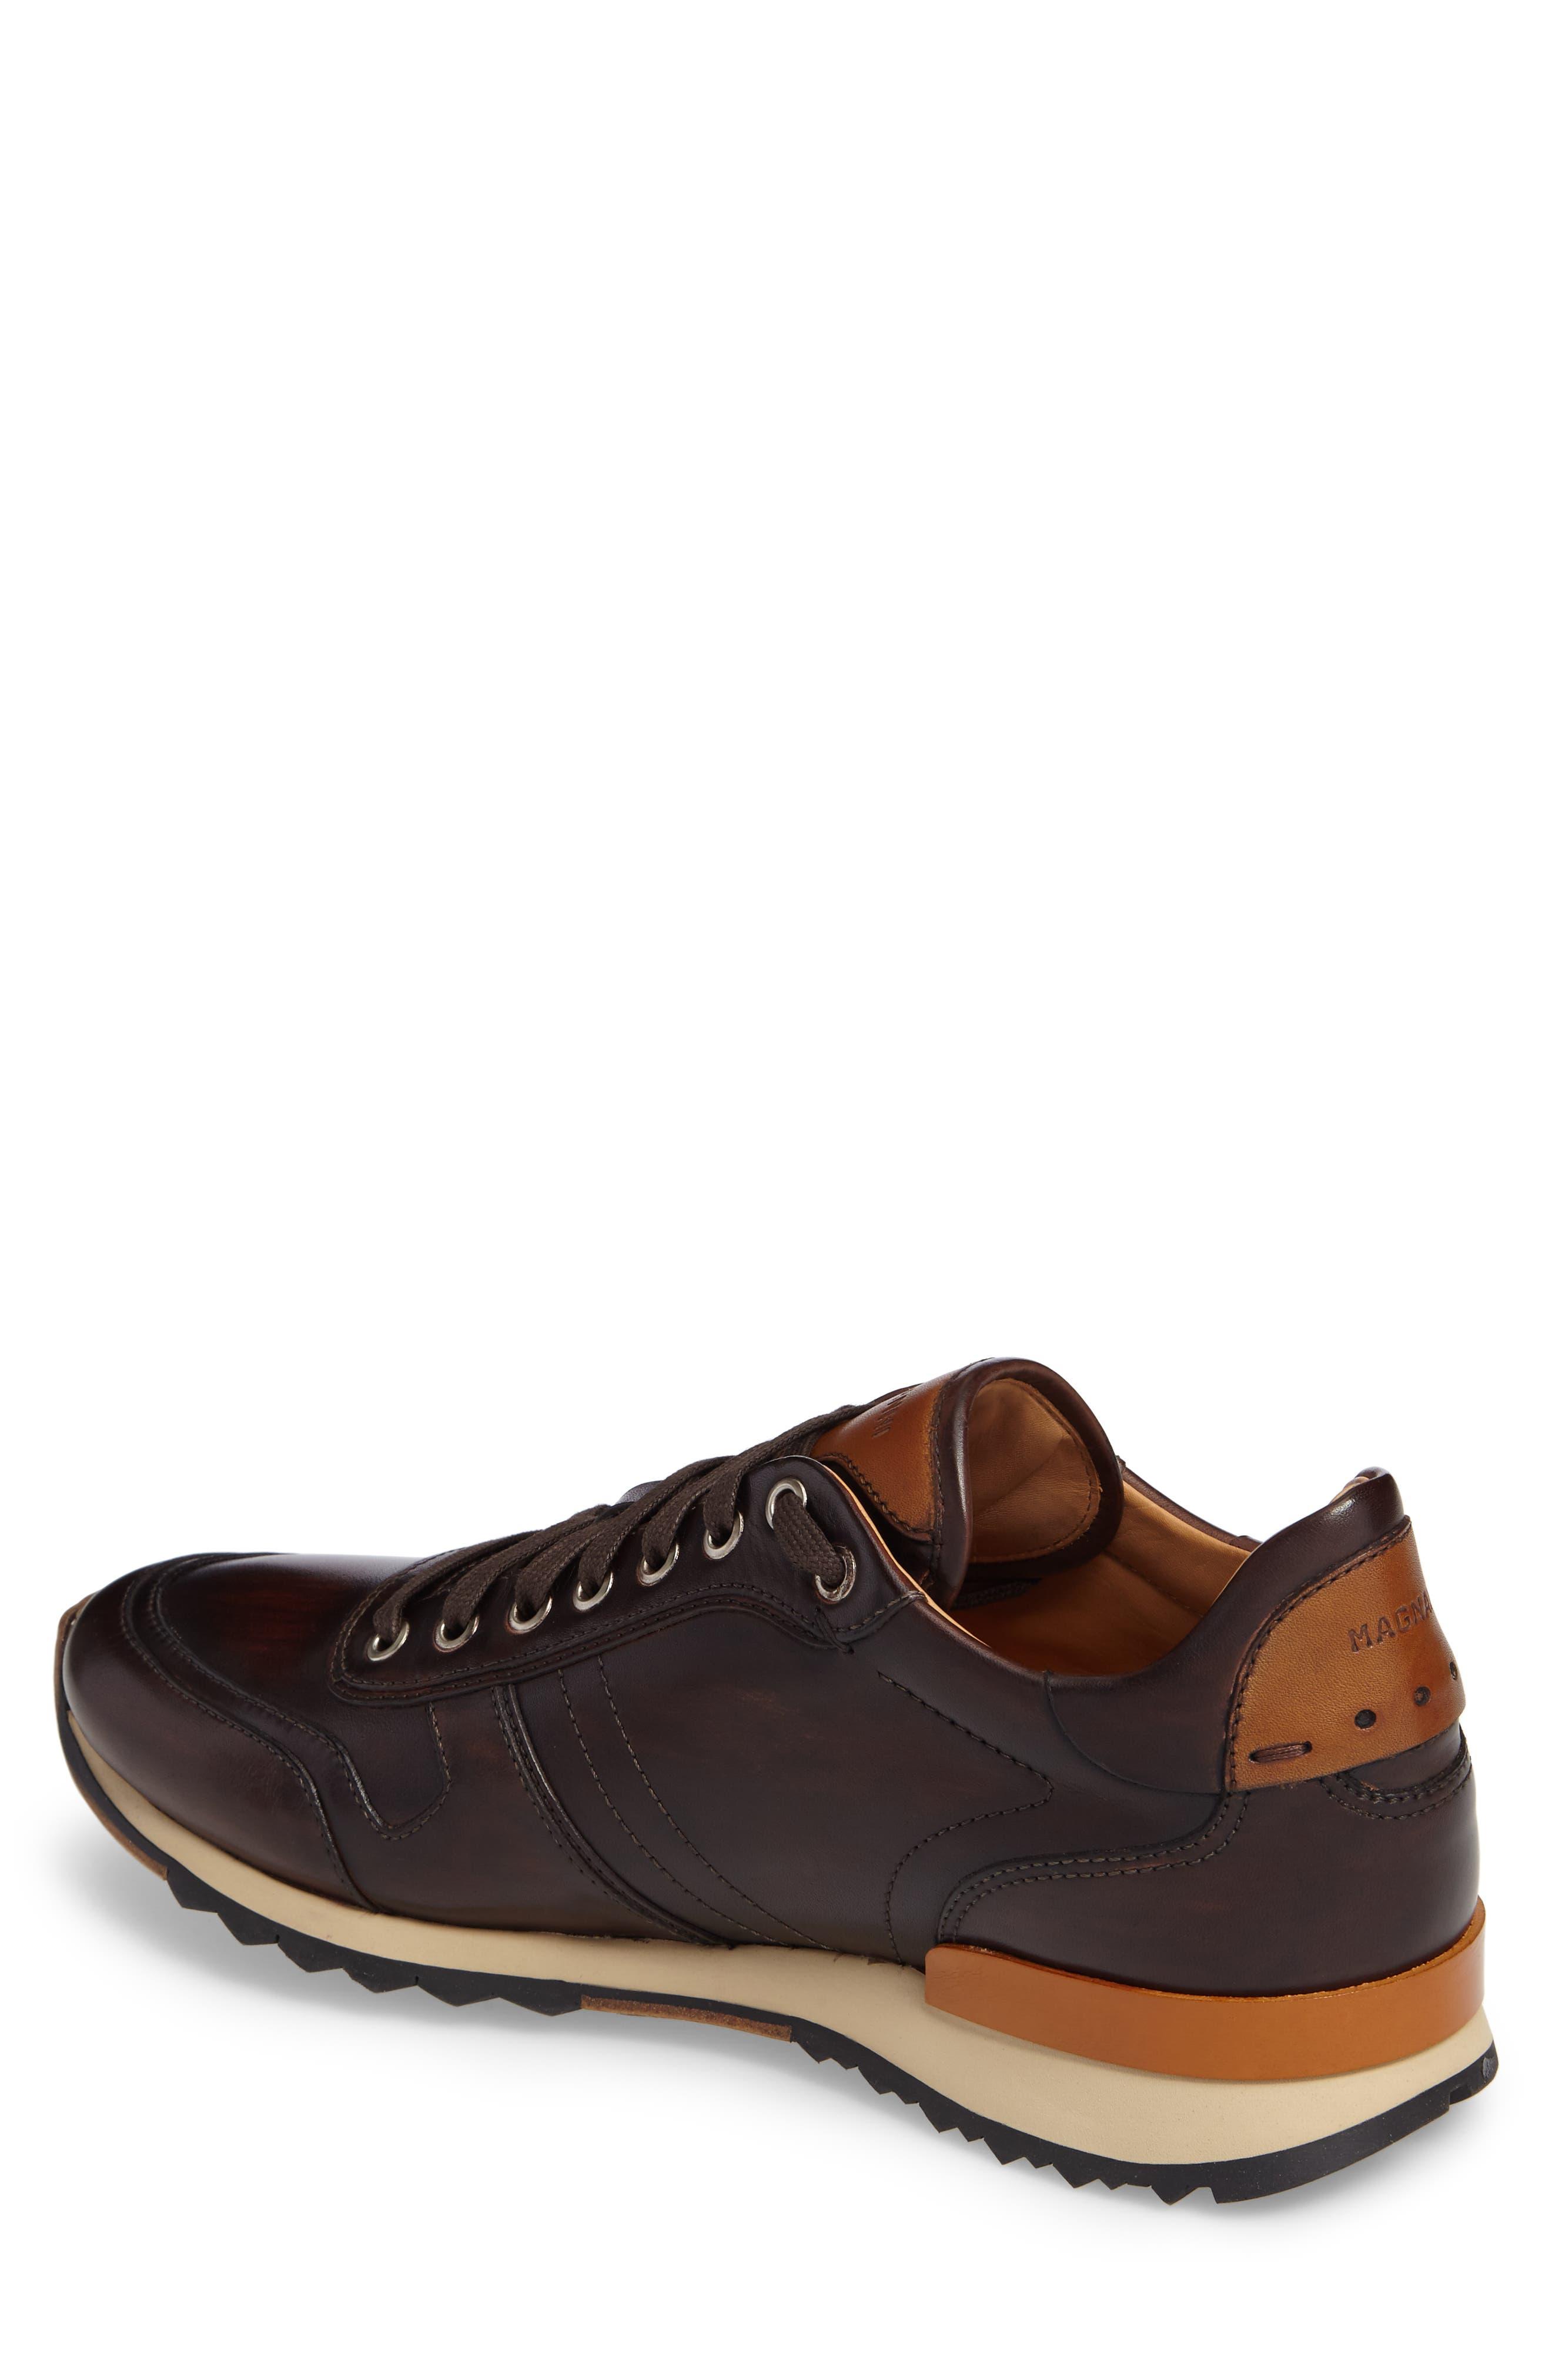 Alternate Image 2  - Magnanni Galio Sneaker (Men)